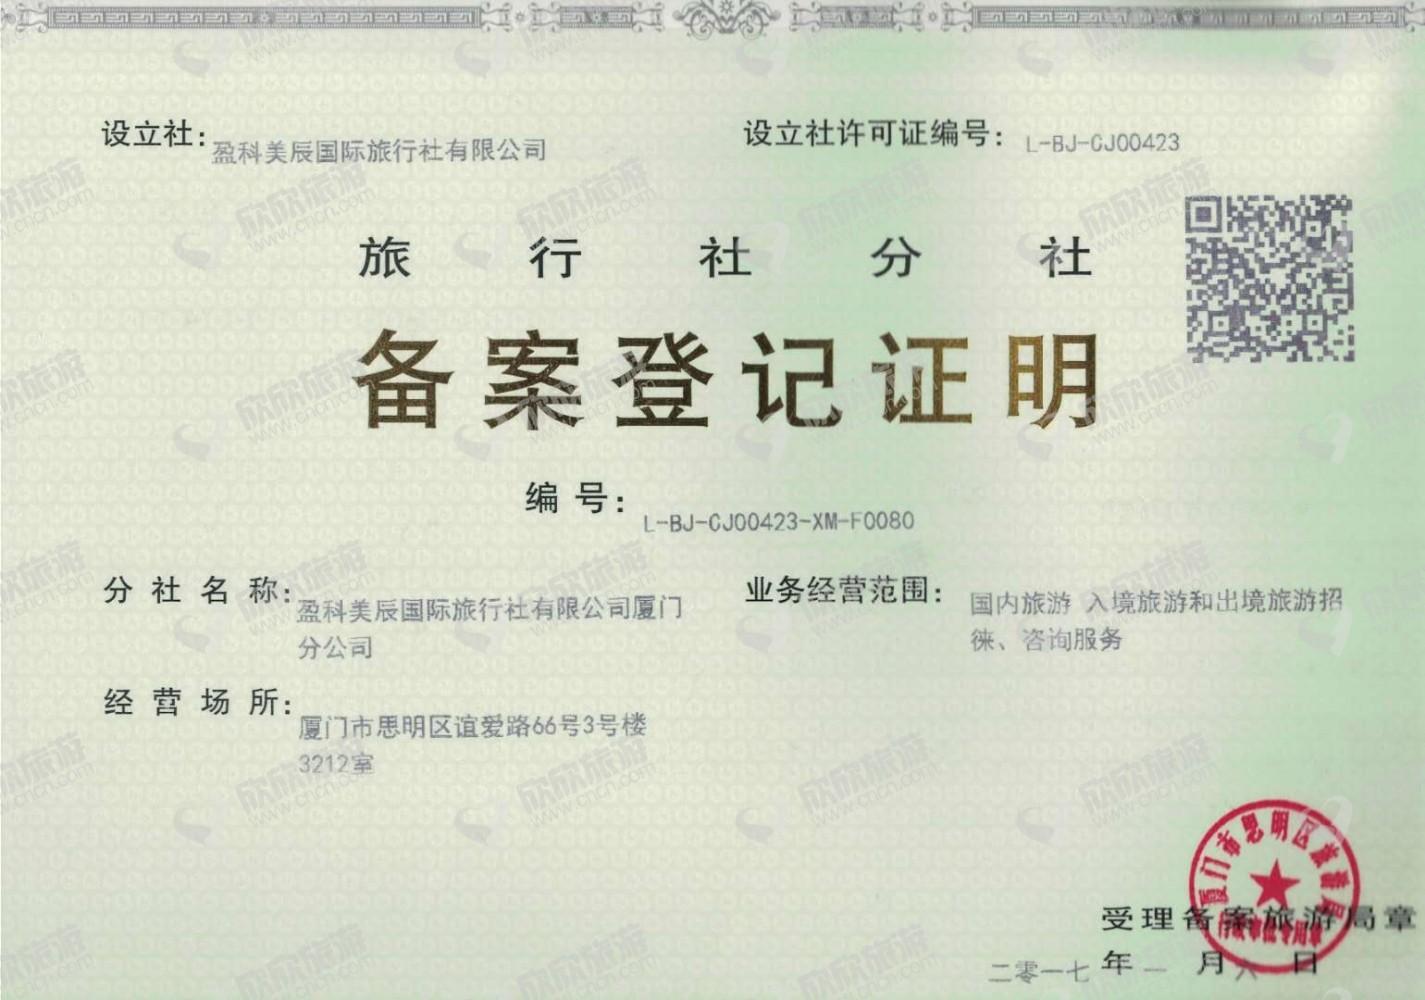 盈科美辰国际旅行社有限公司厦门分公司经营许可证